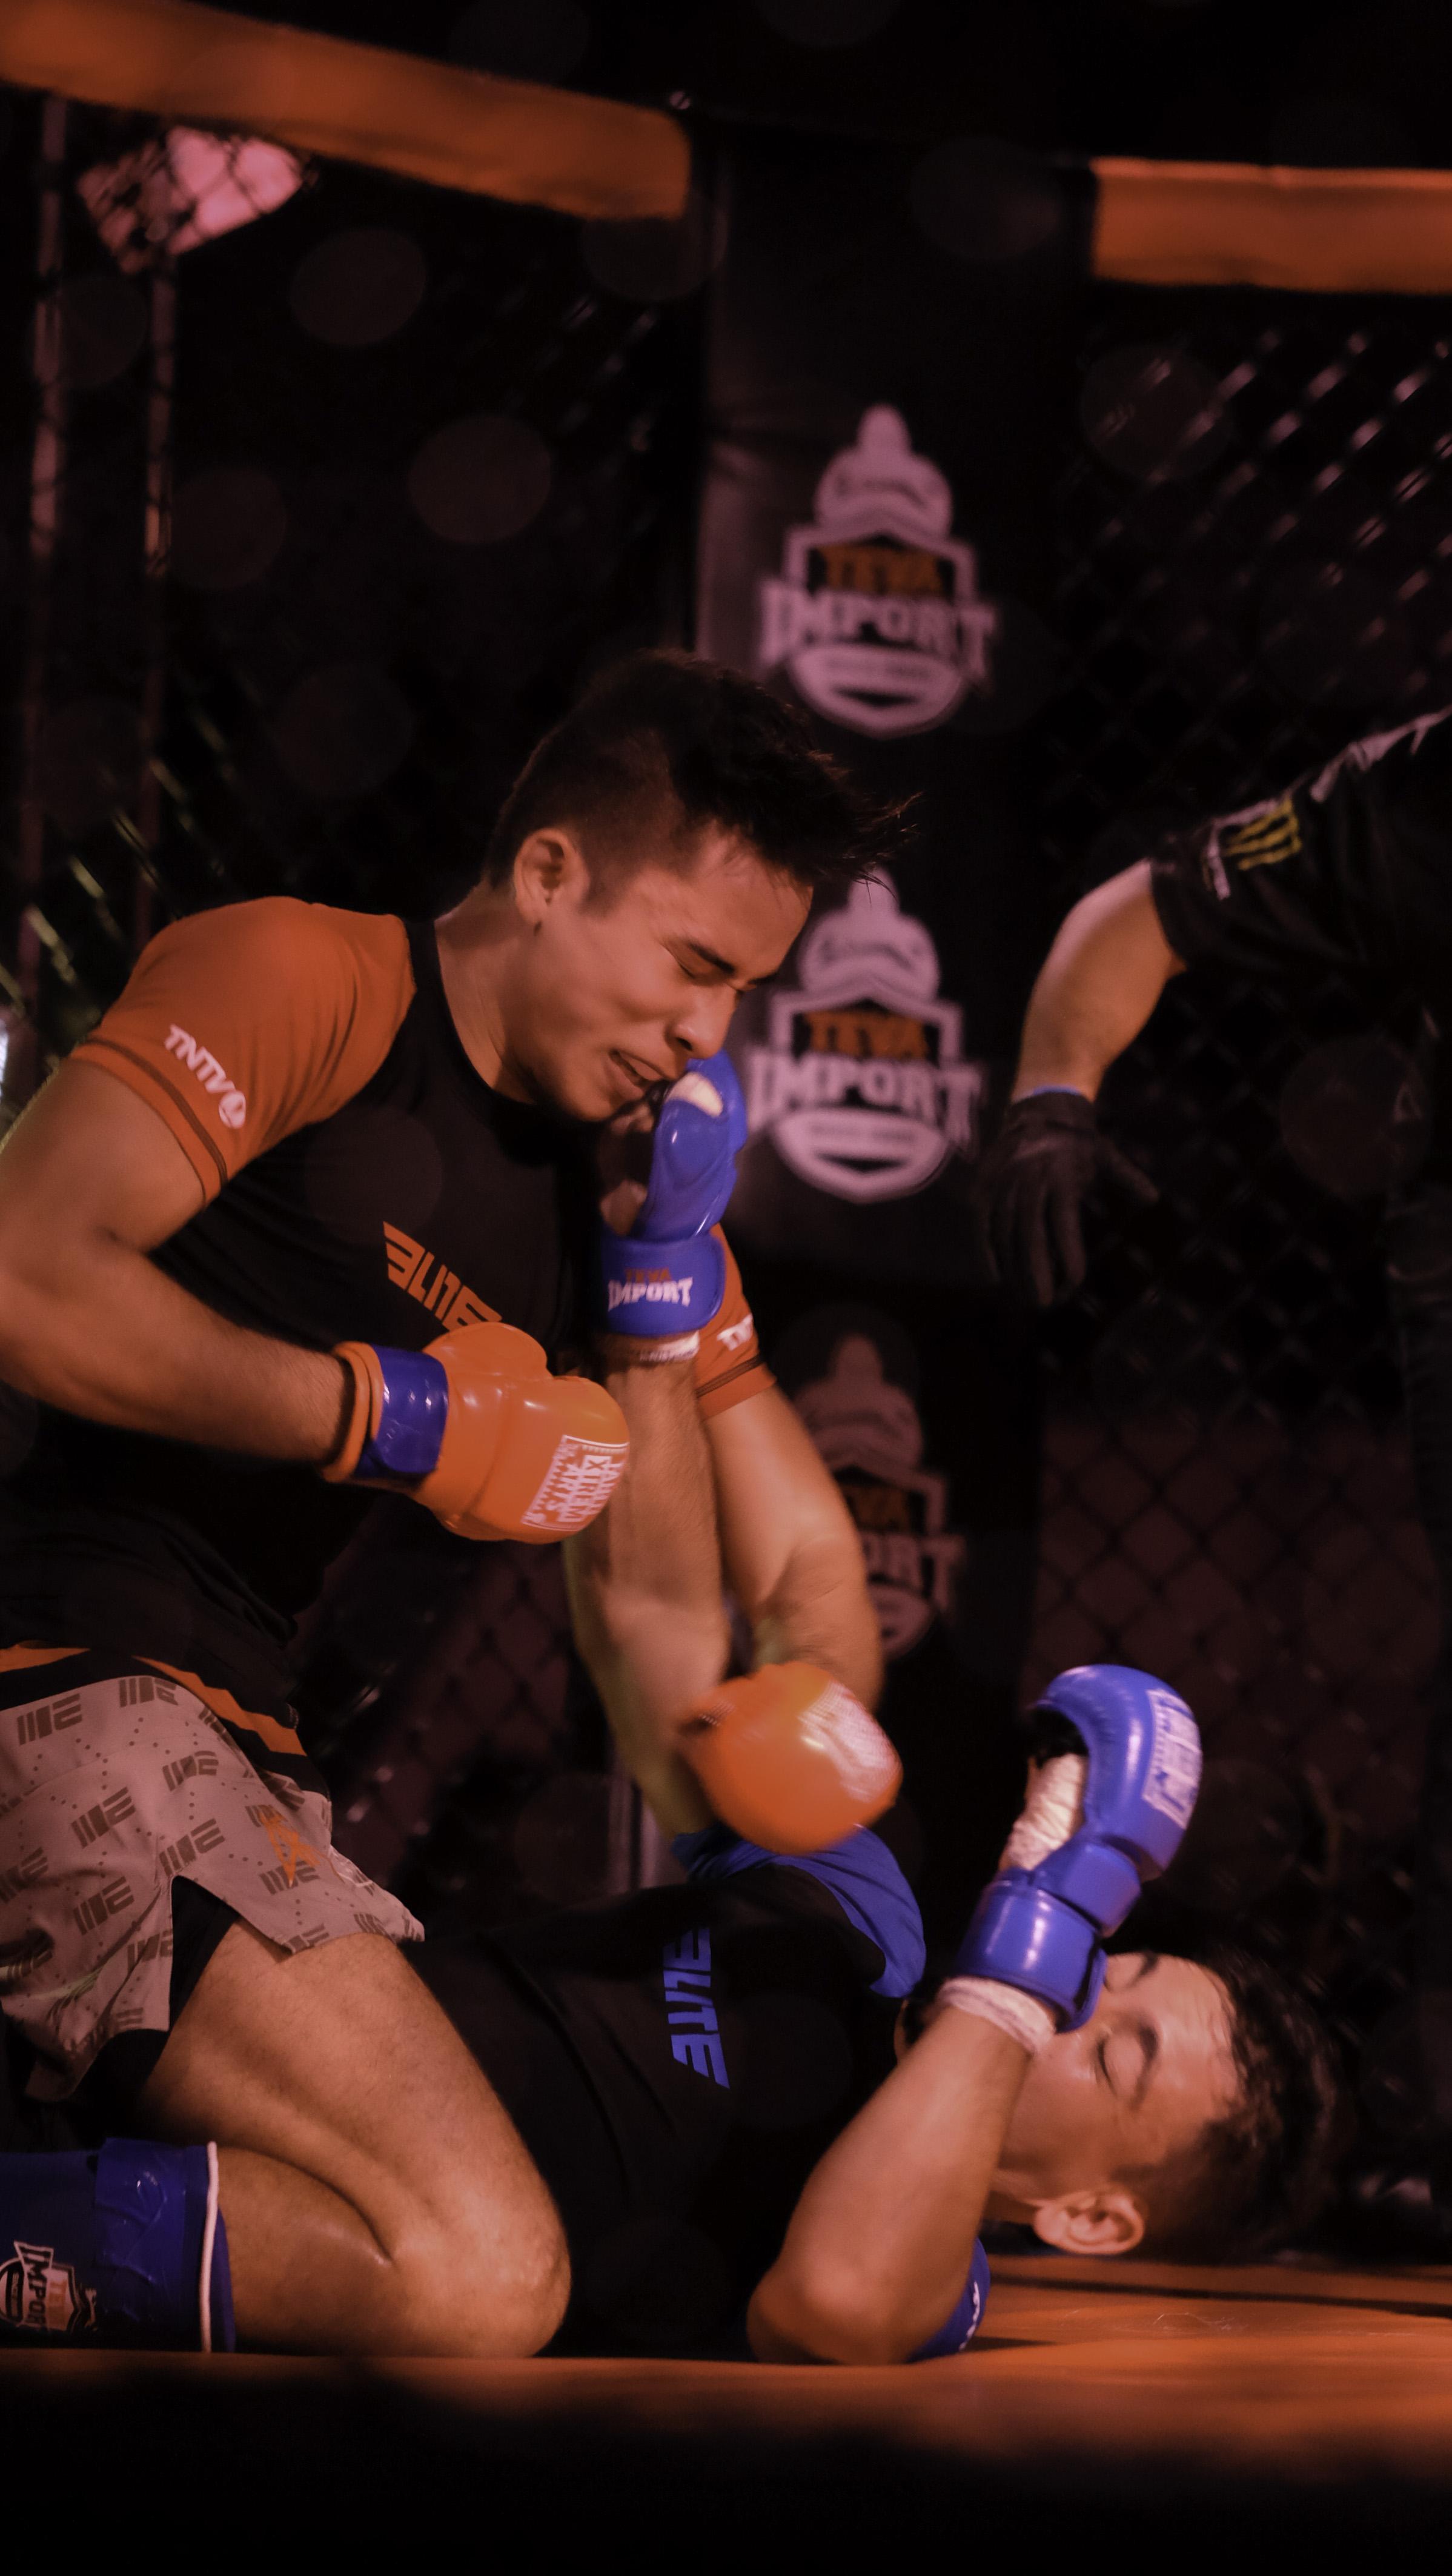 Touché à l'arcade dans le premier round, Julian Schlouch a emmené son adversaire au sol pour le dominer.